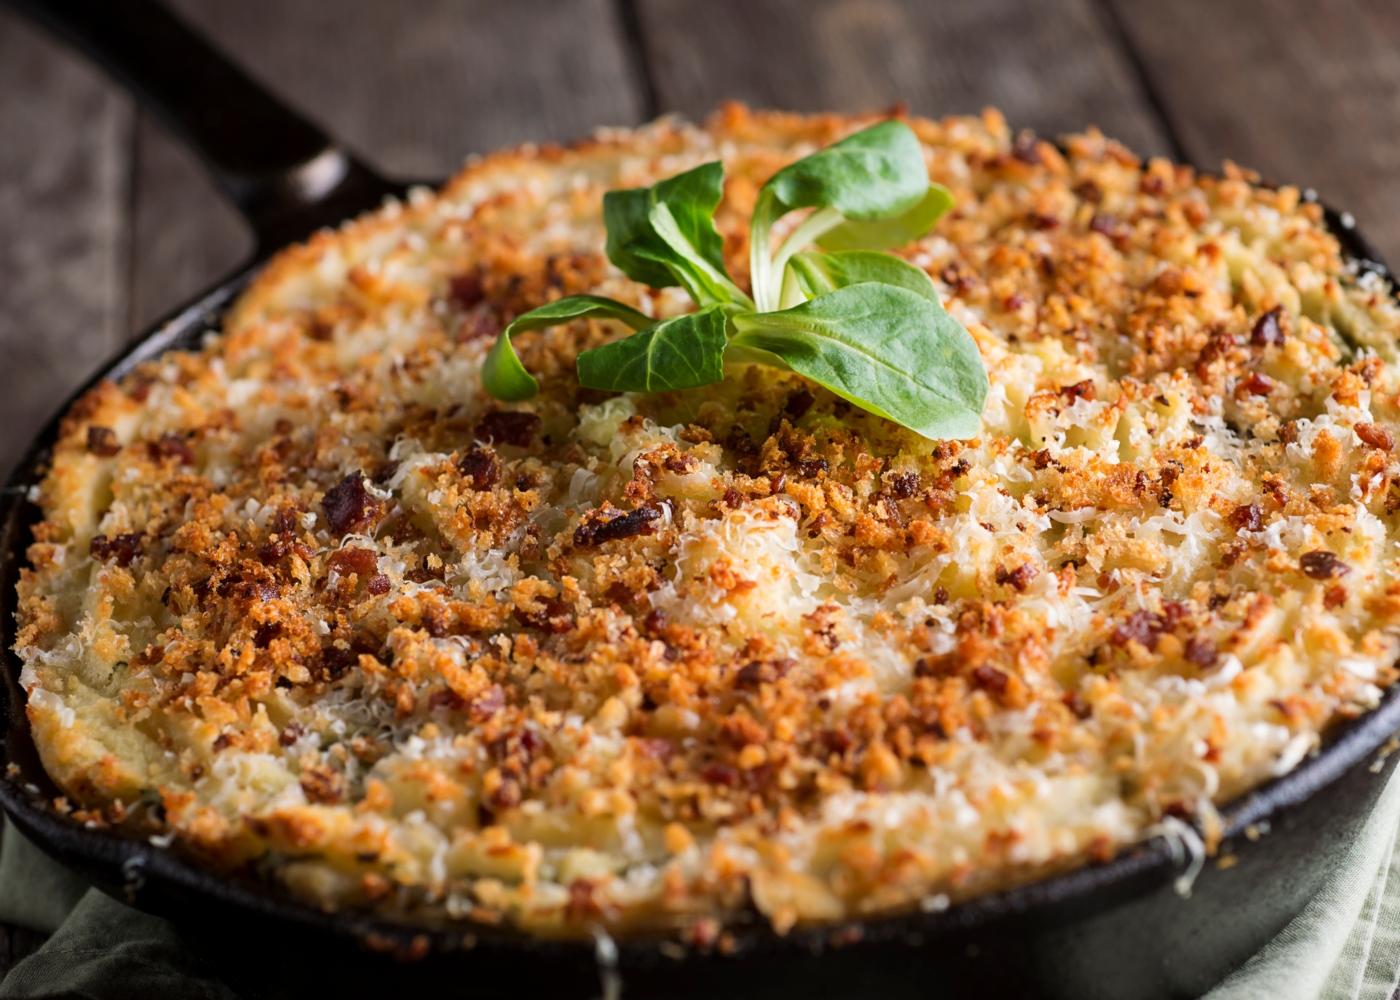 receitas saudáveis para quarentena: empadão de arroz, atum e legumes